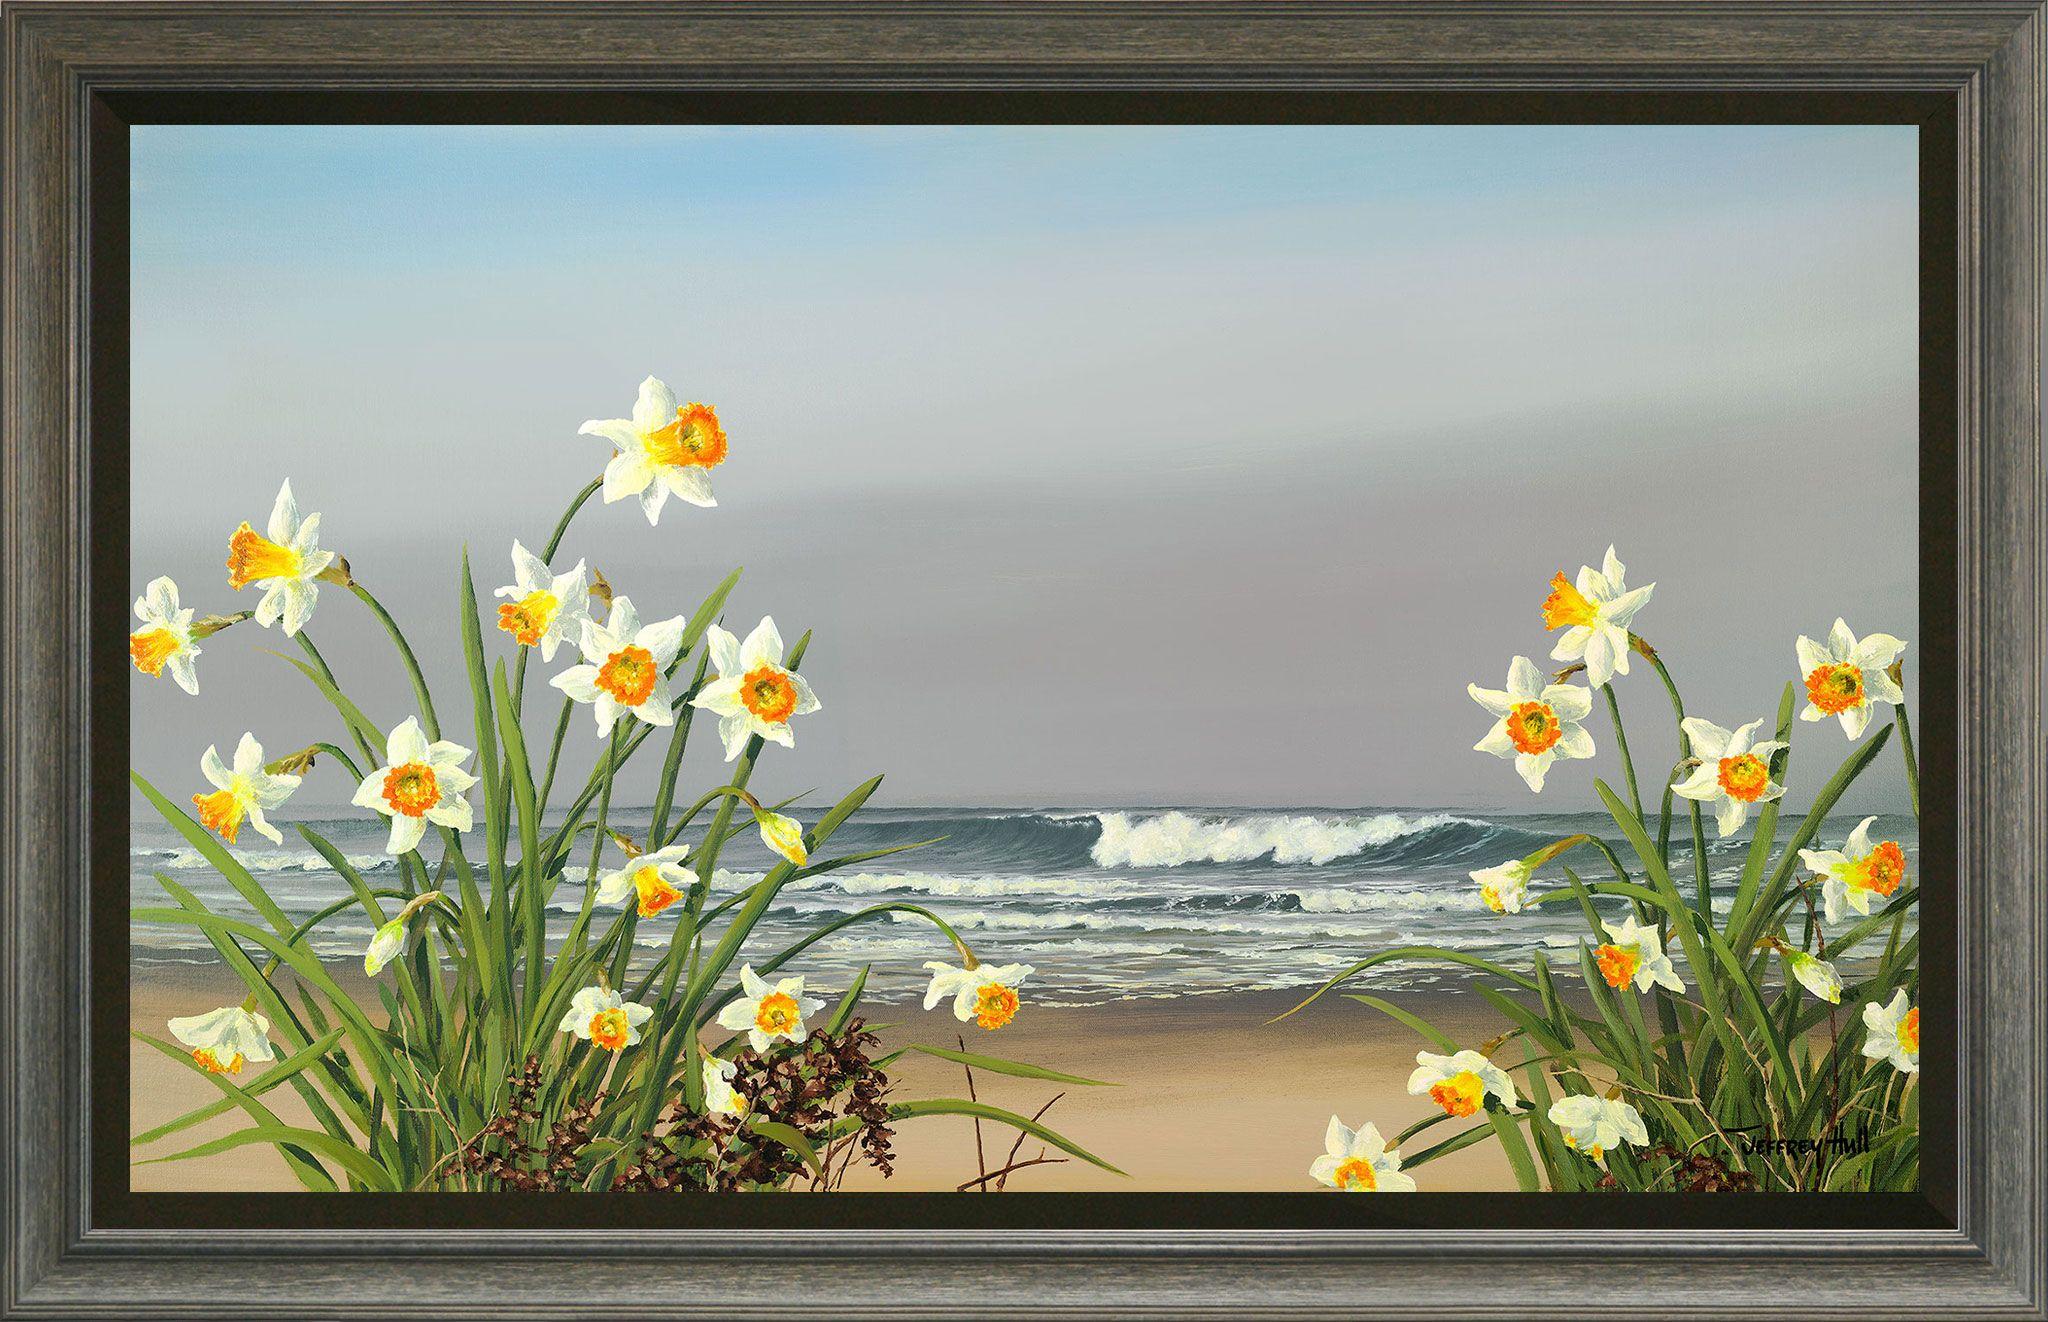 Shoreline-Daffodils-LimEd-Cascade-Black-Liner-4-Website-2021